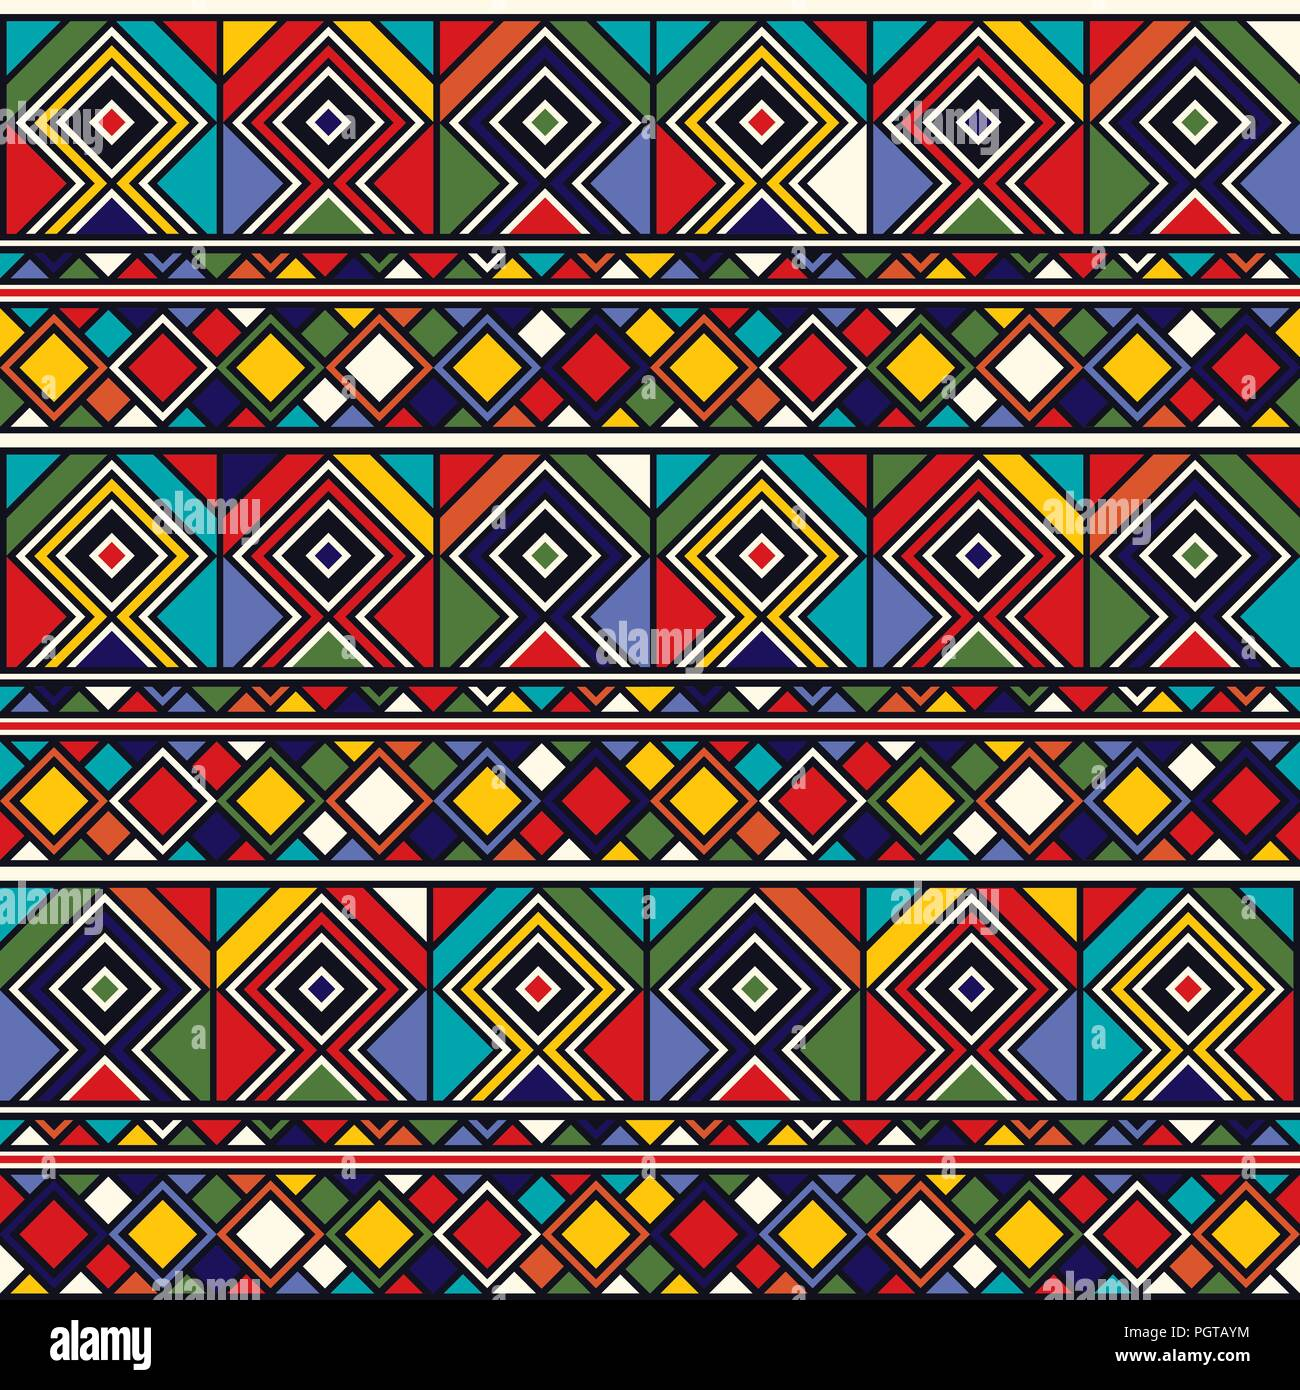 Stoff Afrikanisch Ethno Muster Baumwollstoff 10